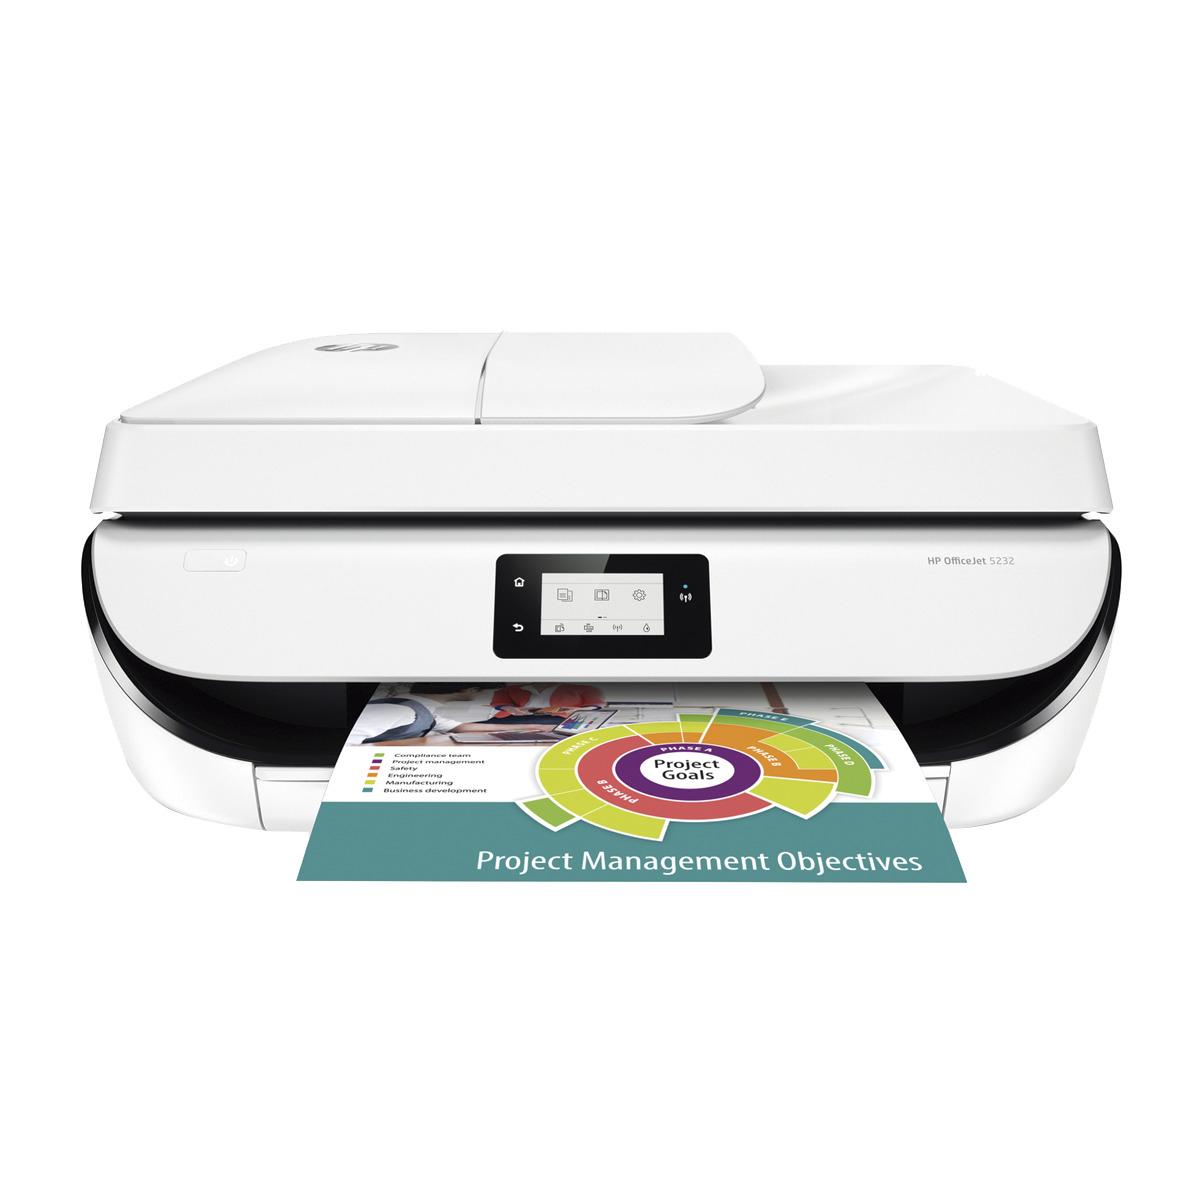 Multifunción HP OfficeJet 5232 Wi-Fi 59€